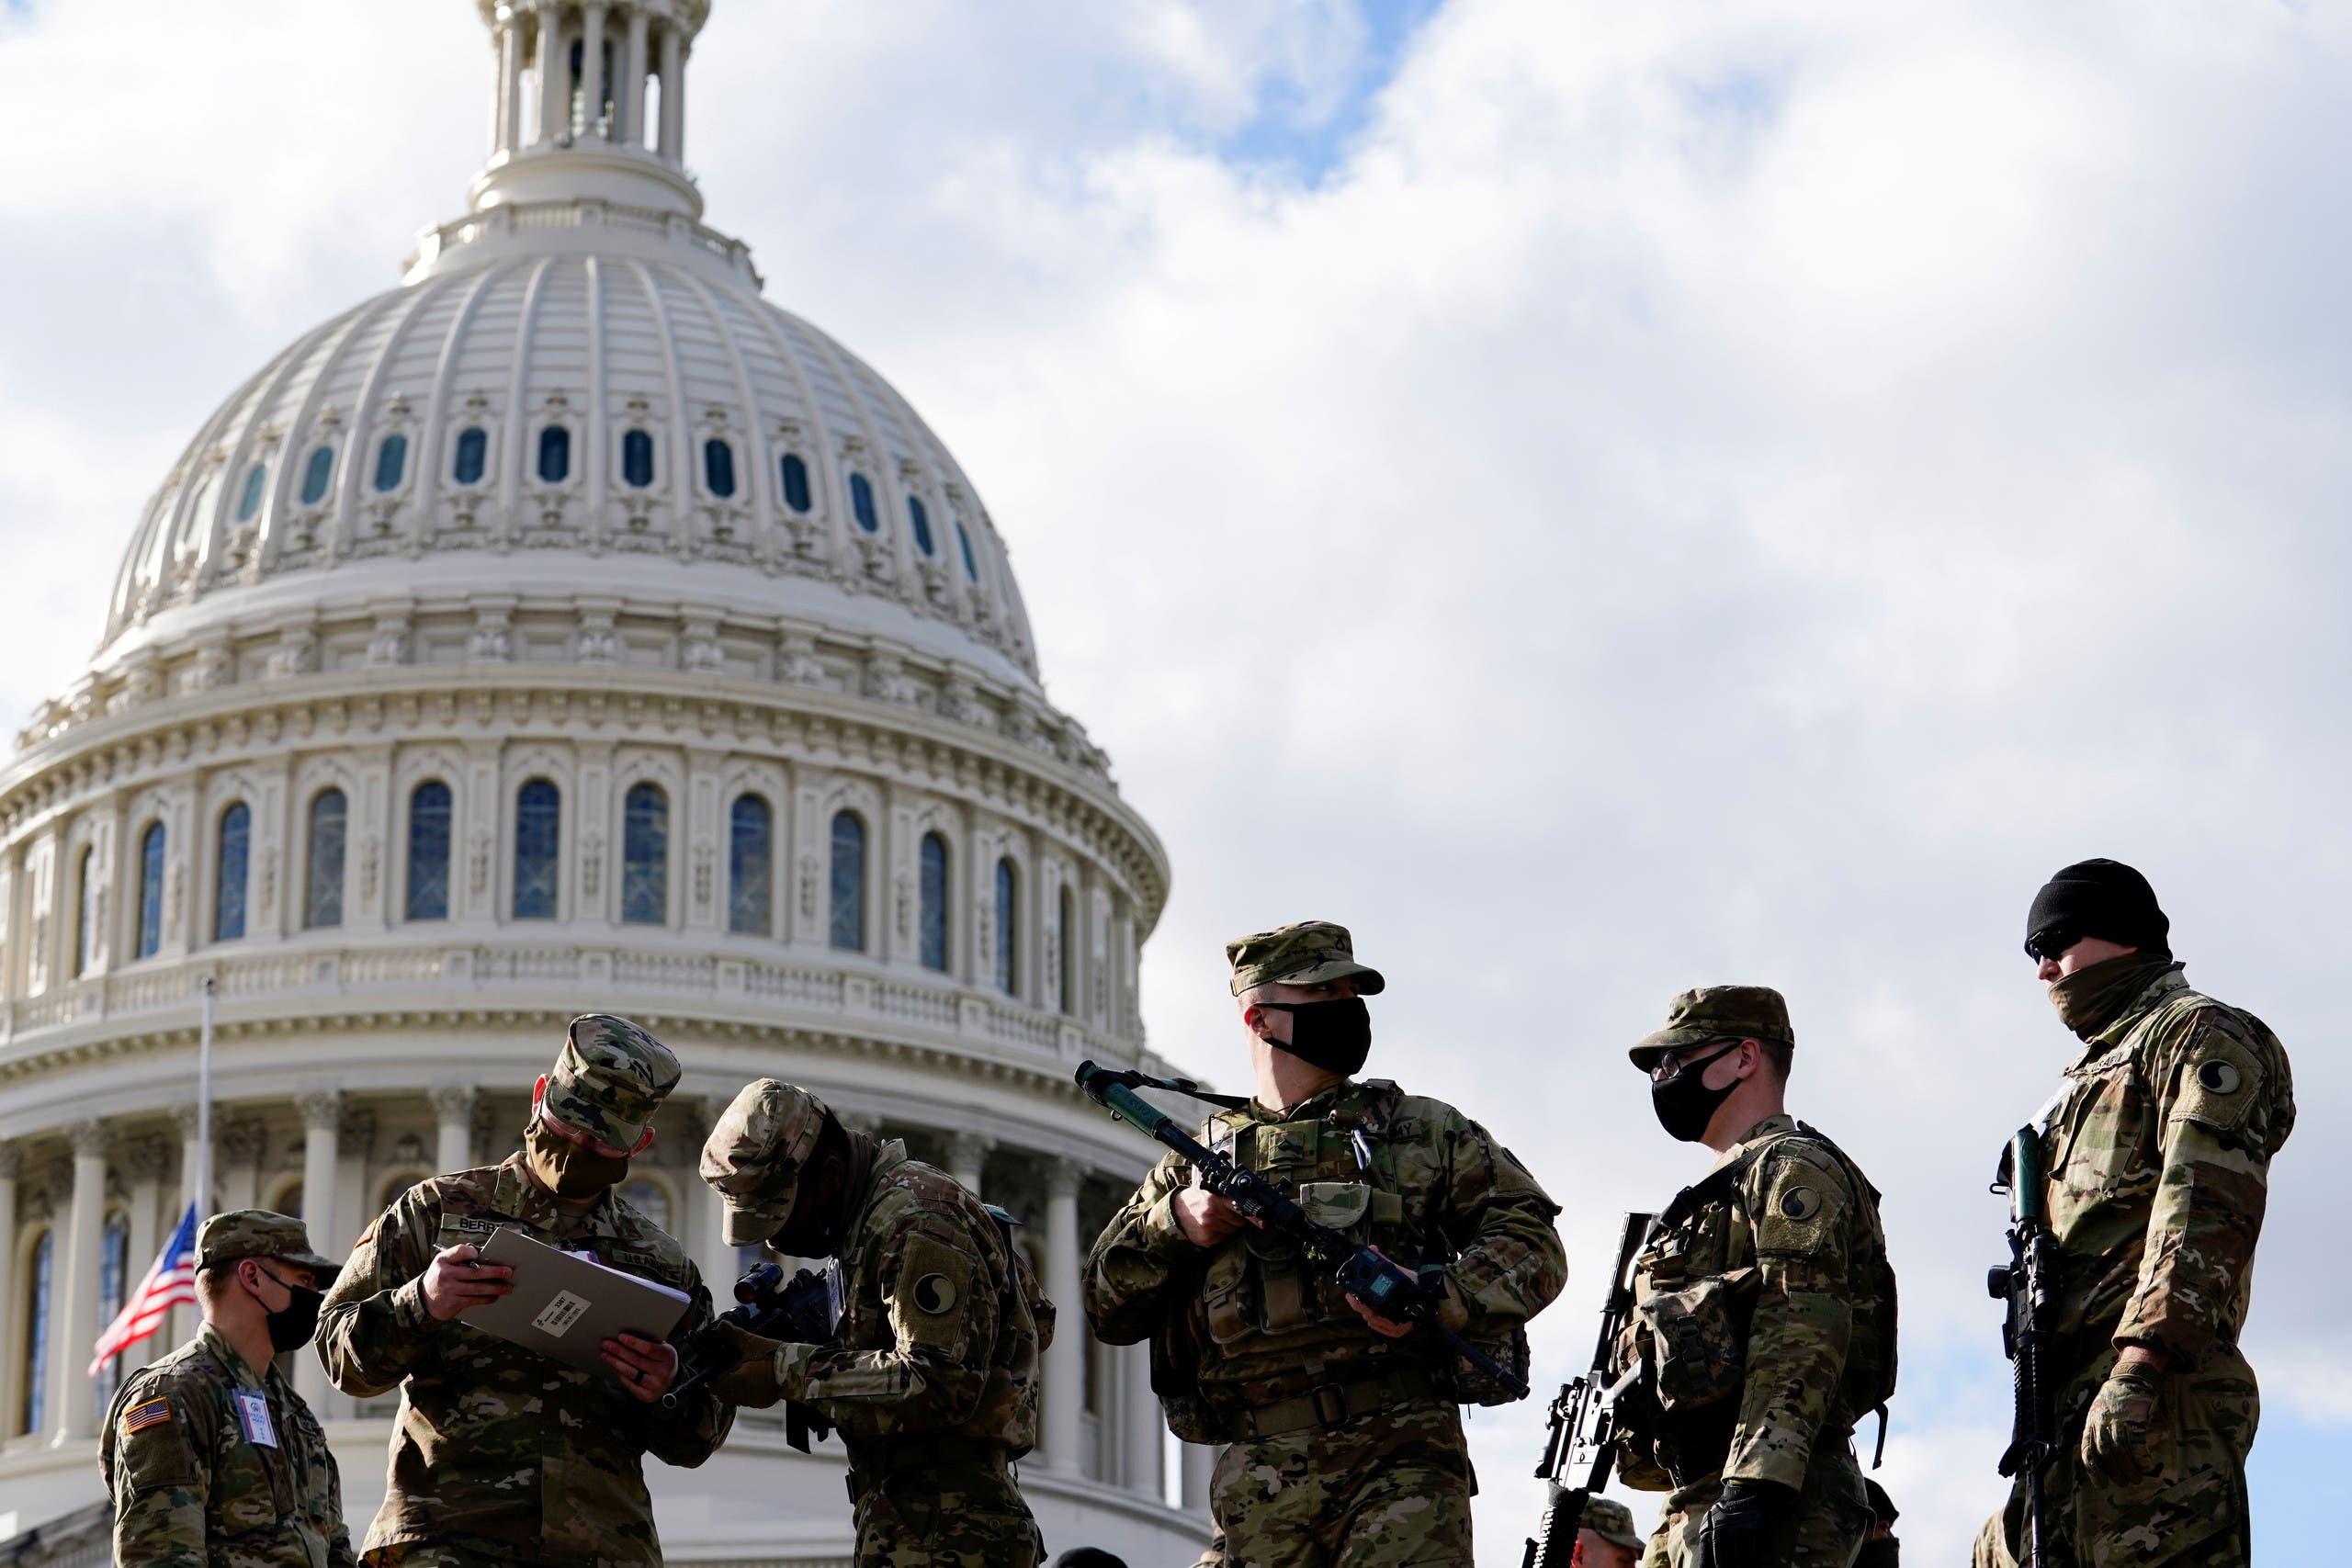 گارد ملی واشنگتن در حال آماده سازی برای مراسم تحلیف بایدن (بایگانی رویترز)